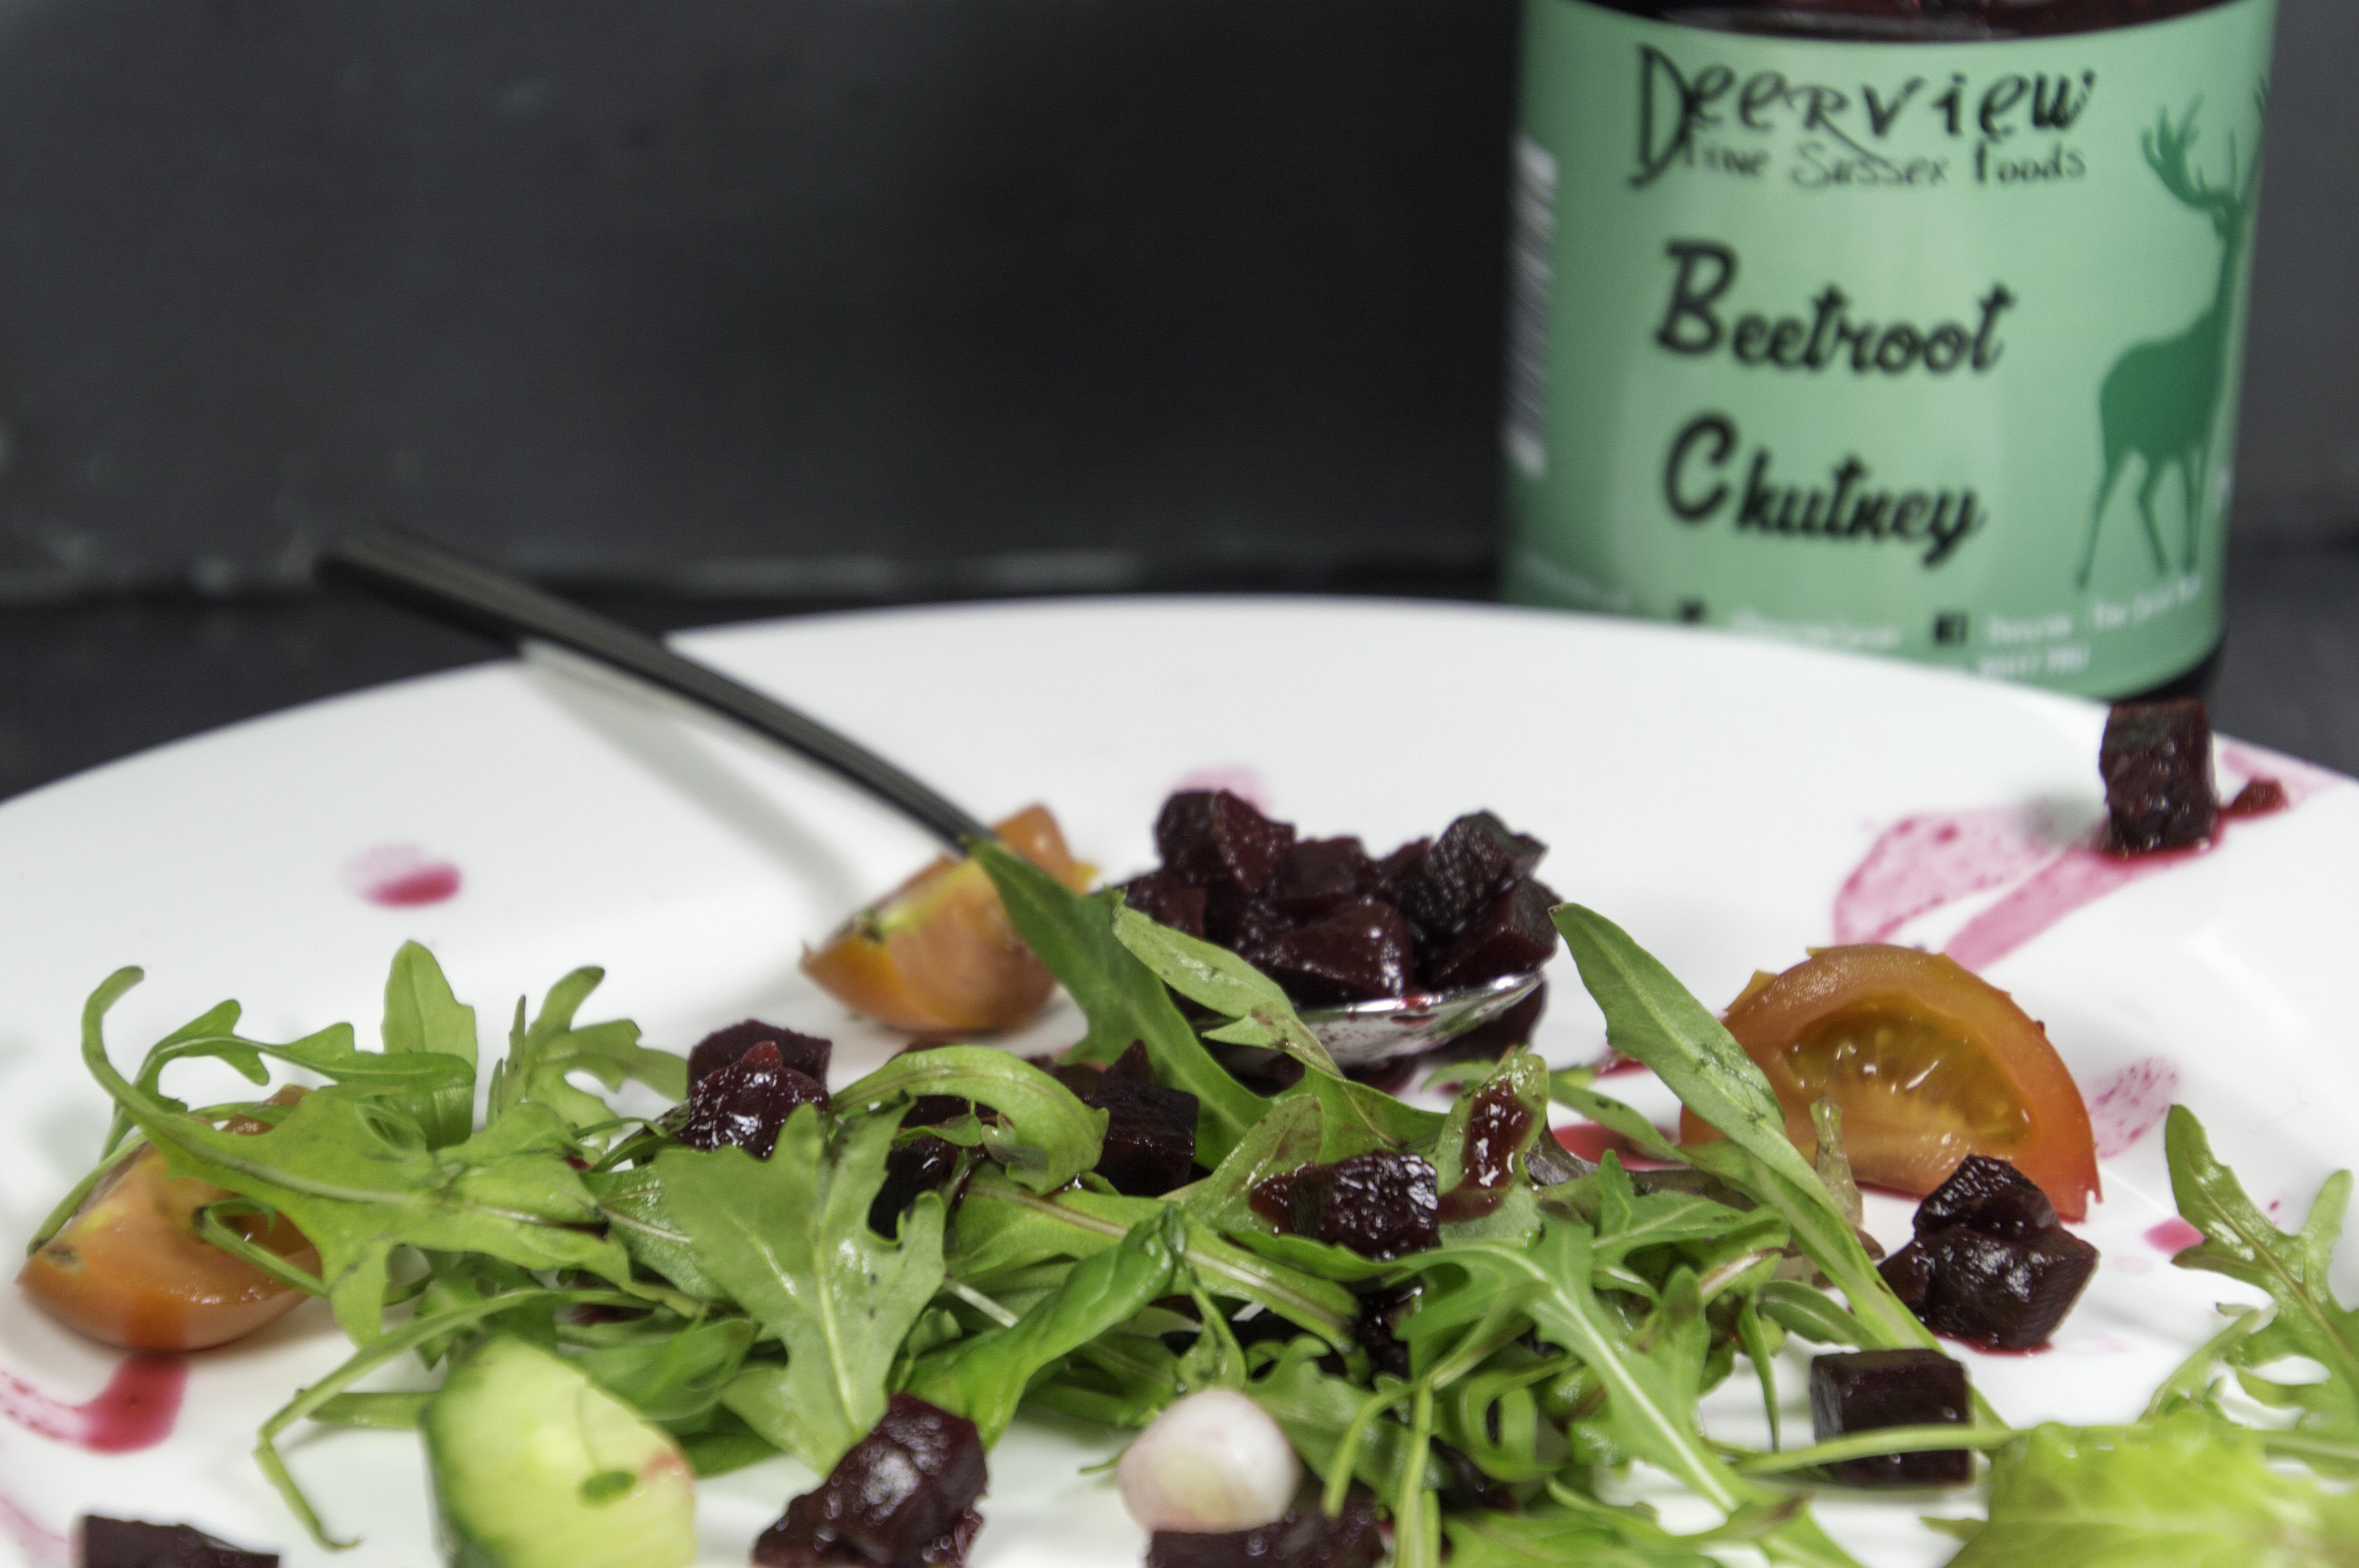 Deerview Fine Foods Beetroot Chutney